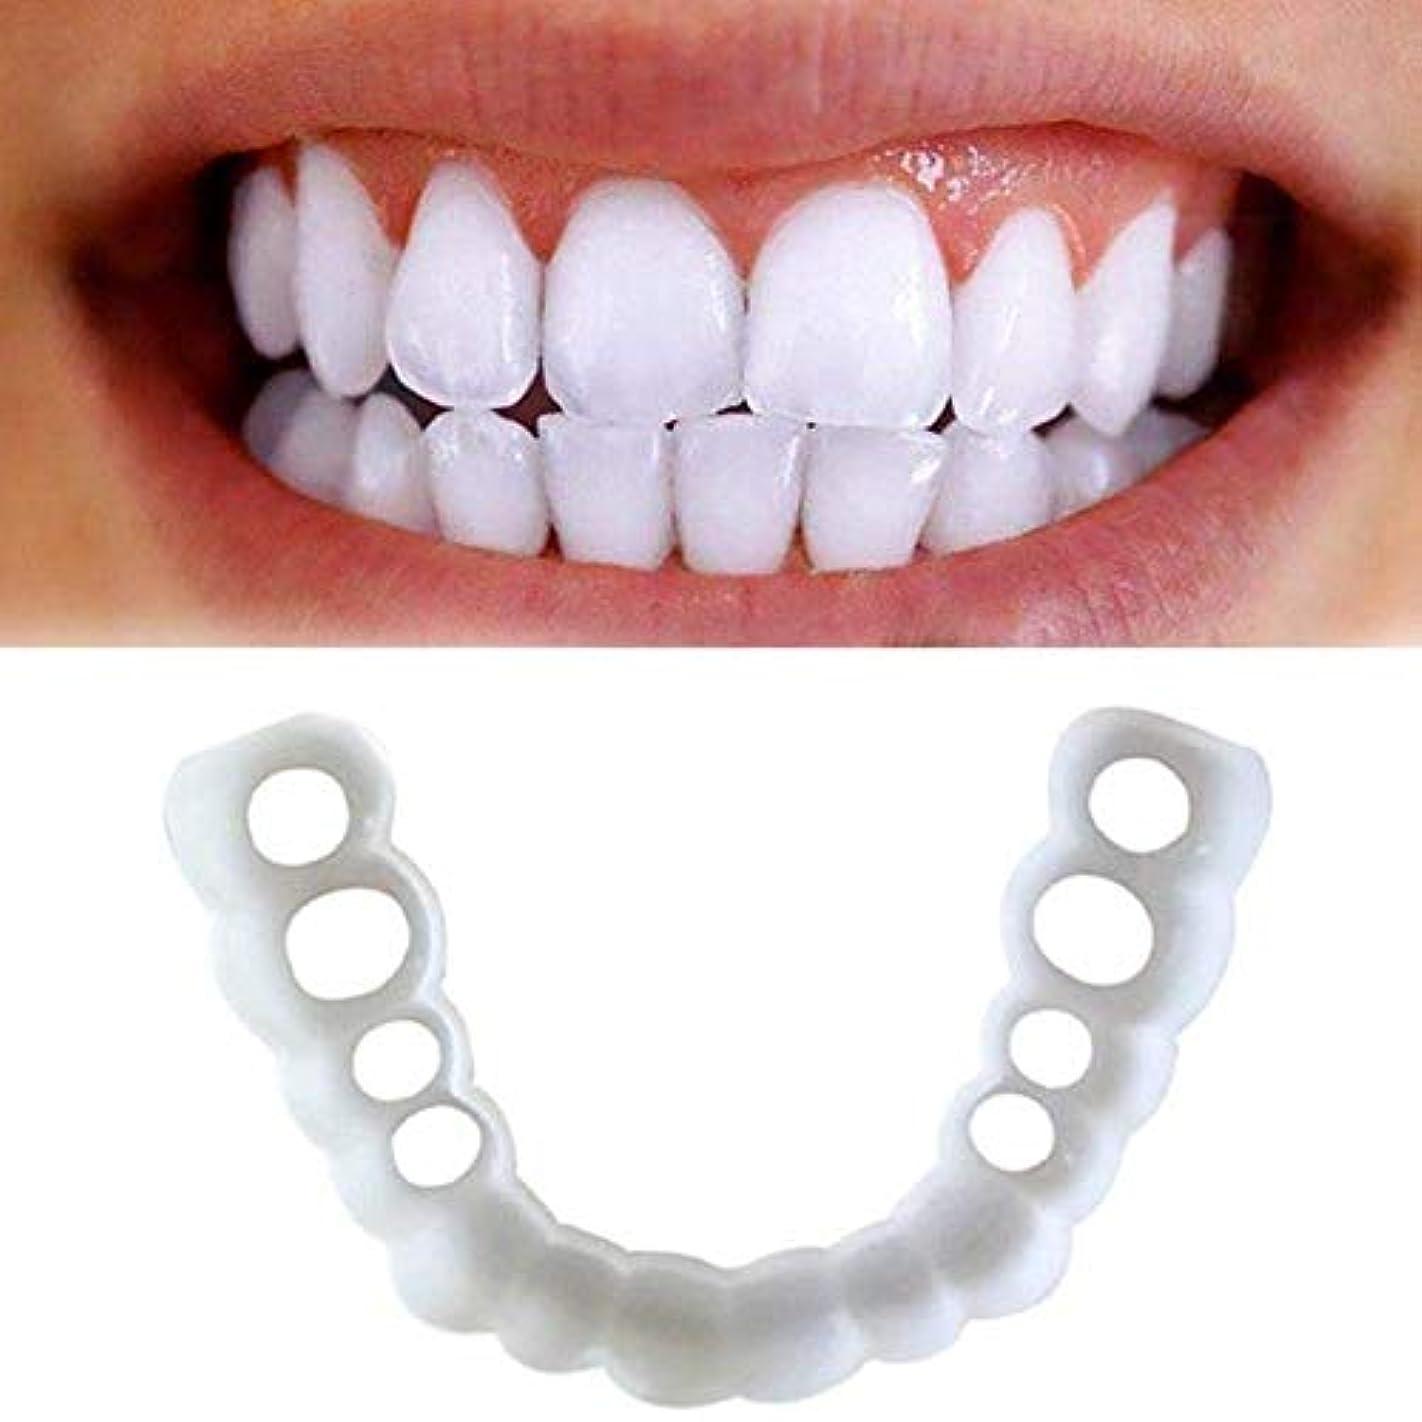 ライム枠元気な1PCS / Setteeth化粧品柔軟化粧品歯科入れ歯歯トップベニヤ化粧品の歯キット入れ歯に適して快適